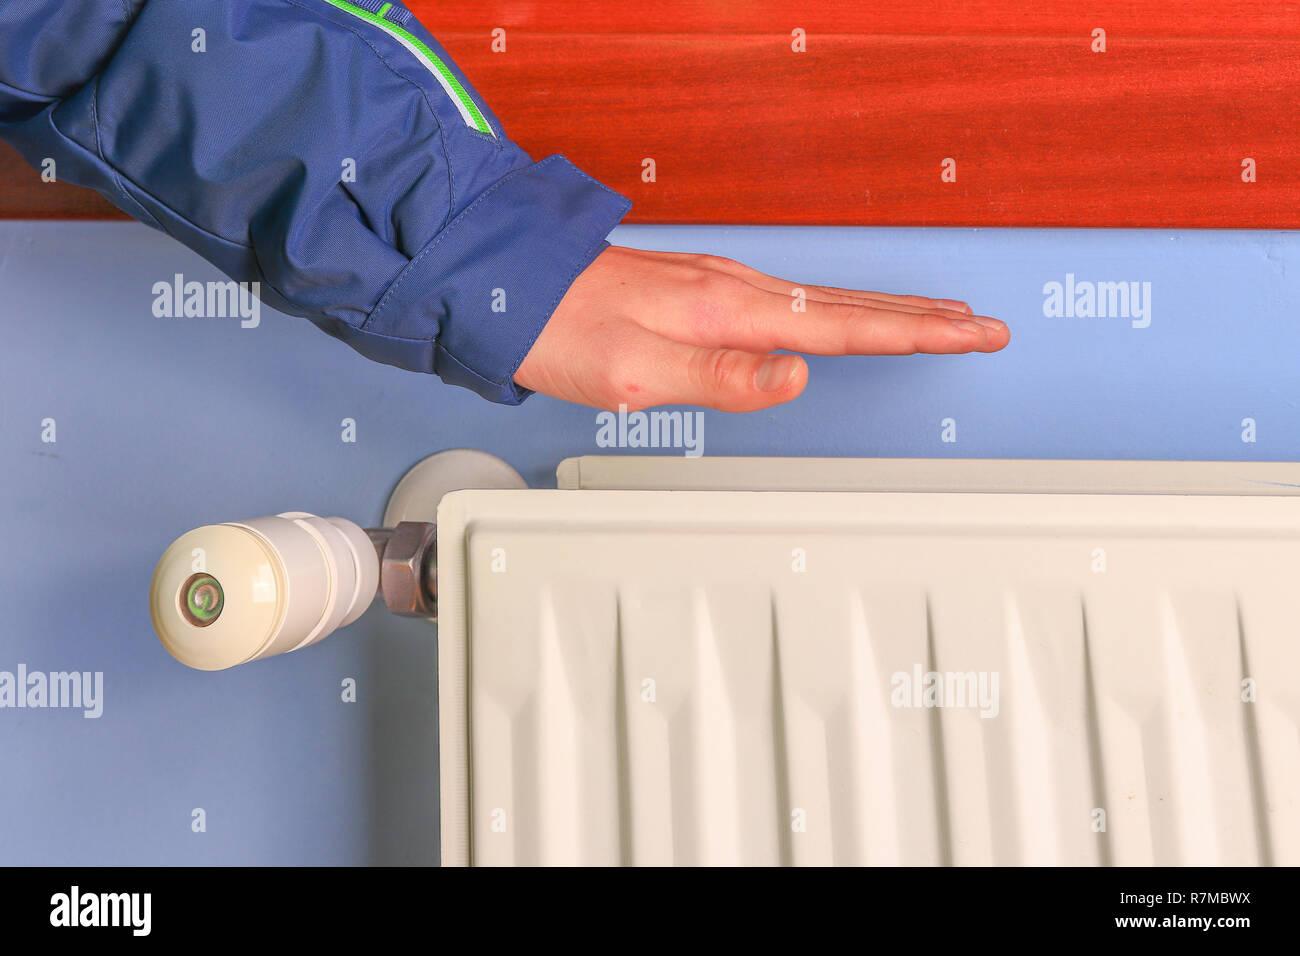 Manuell Prufen Ob Der Heizkorper In Der Wohnung Funktioniert